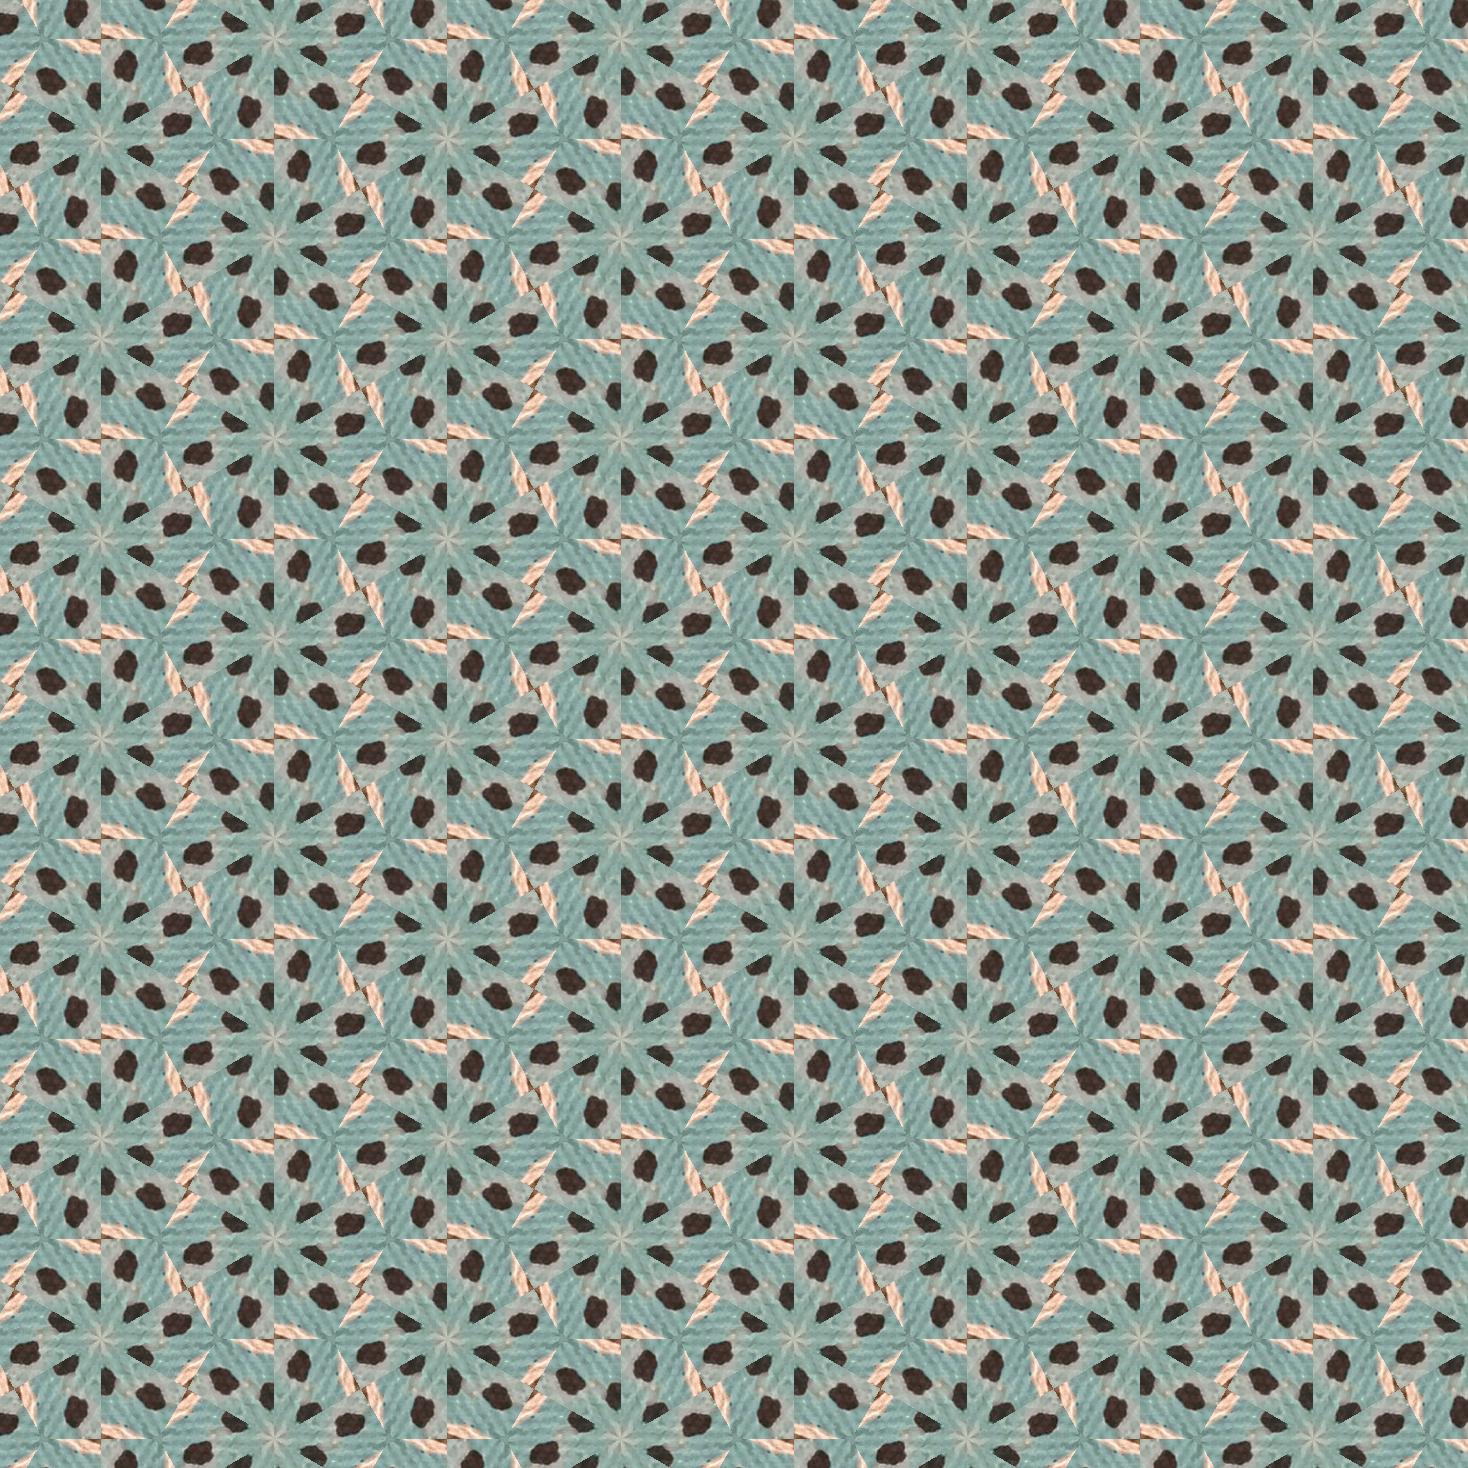 Fabric design _8873_6i